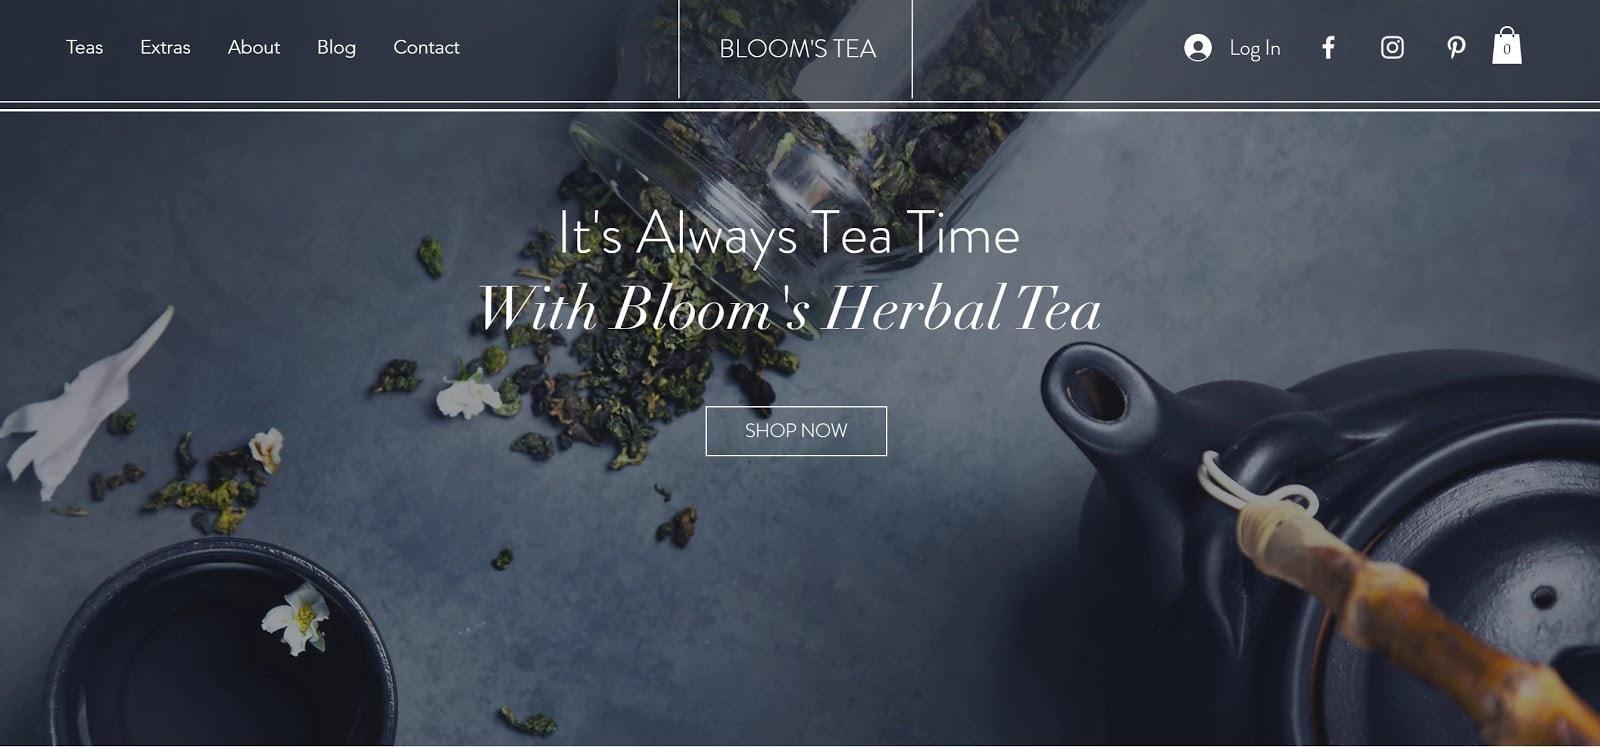 Wix Tea Shop website template